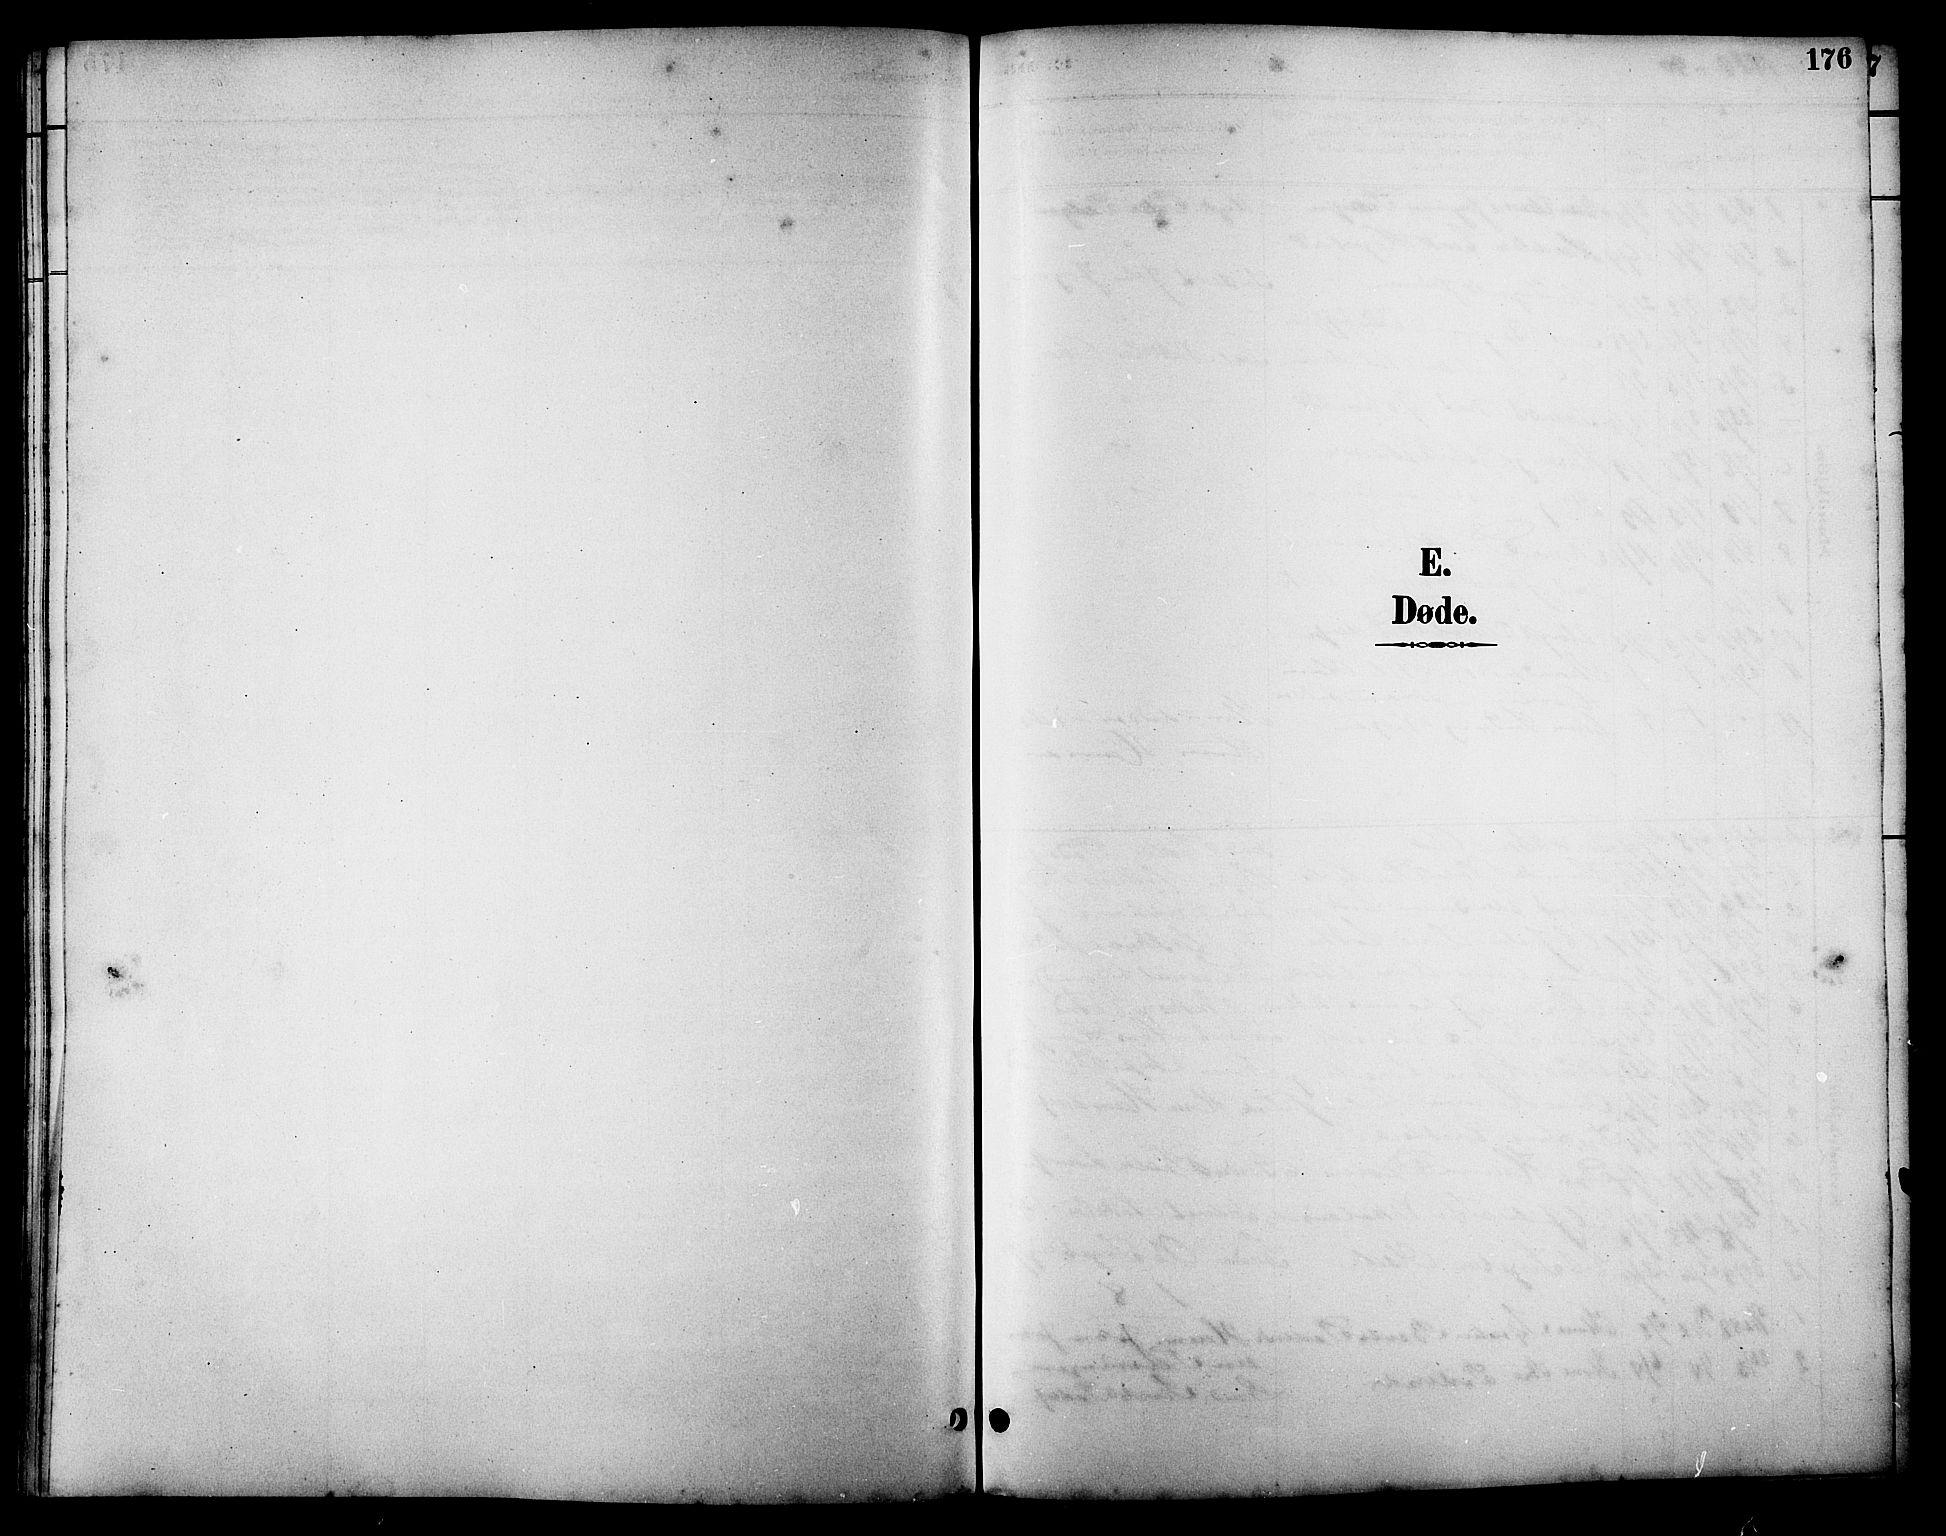 SAT, Ministerialprotokoller, klokkerbøker og fødselsregistre - Sør-Trøndelag, 657/L0716: Klokkerbok nr. 657C03, 1889-1904, s. 176